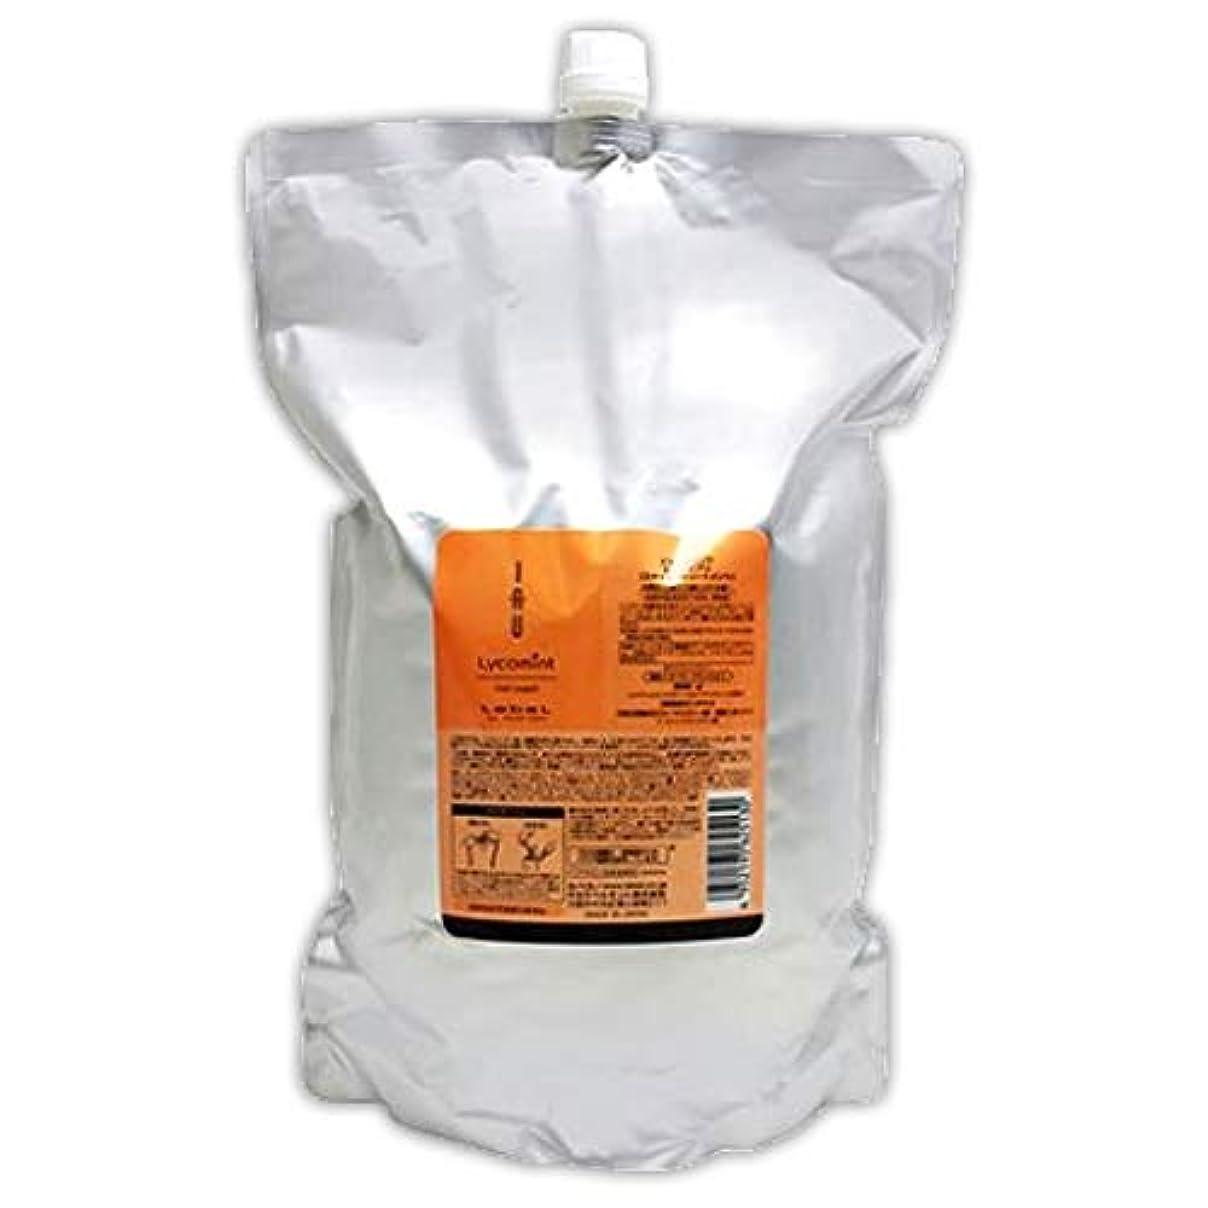 服を洗う放つ一杯ルベル イオ リコミント ルートサプリ 2500ml 詰め替え用 業務用 トリートメント エイジング シリコーンフリー Lebel iau Lycomint